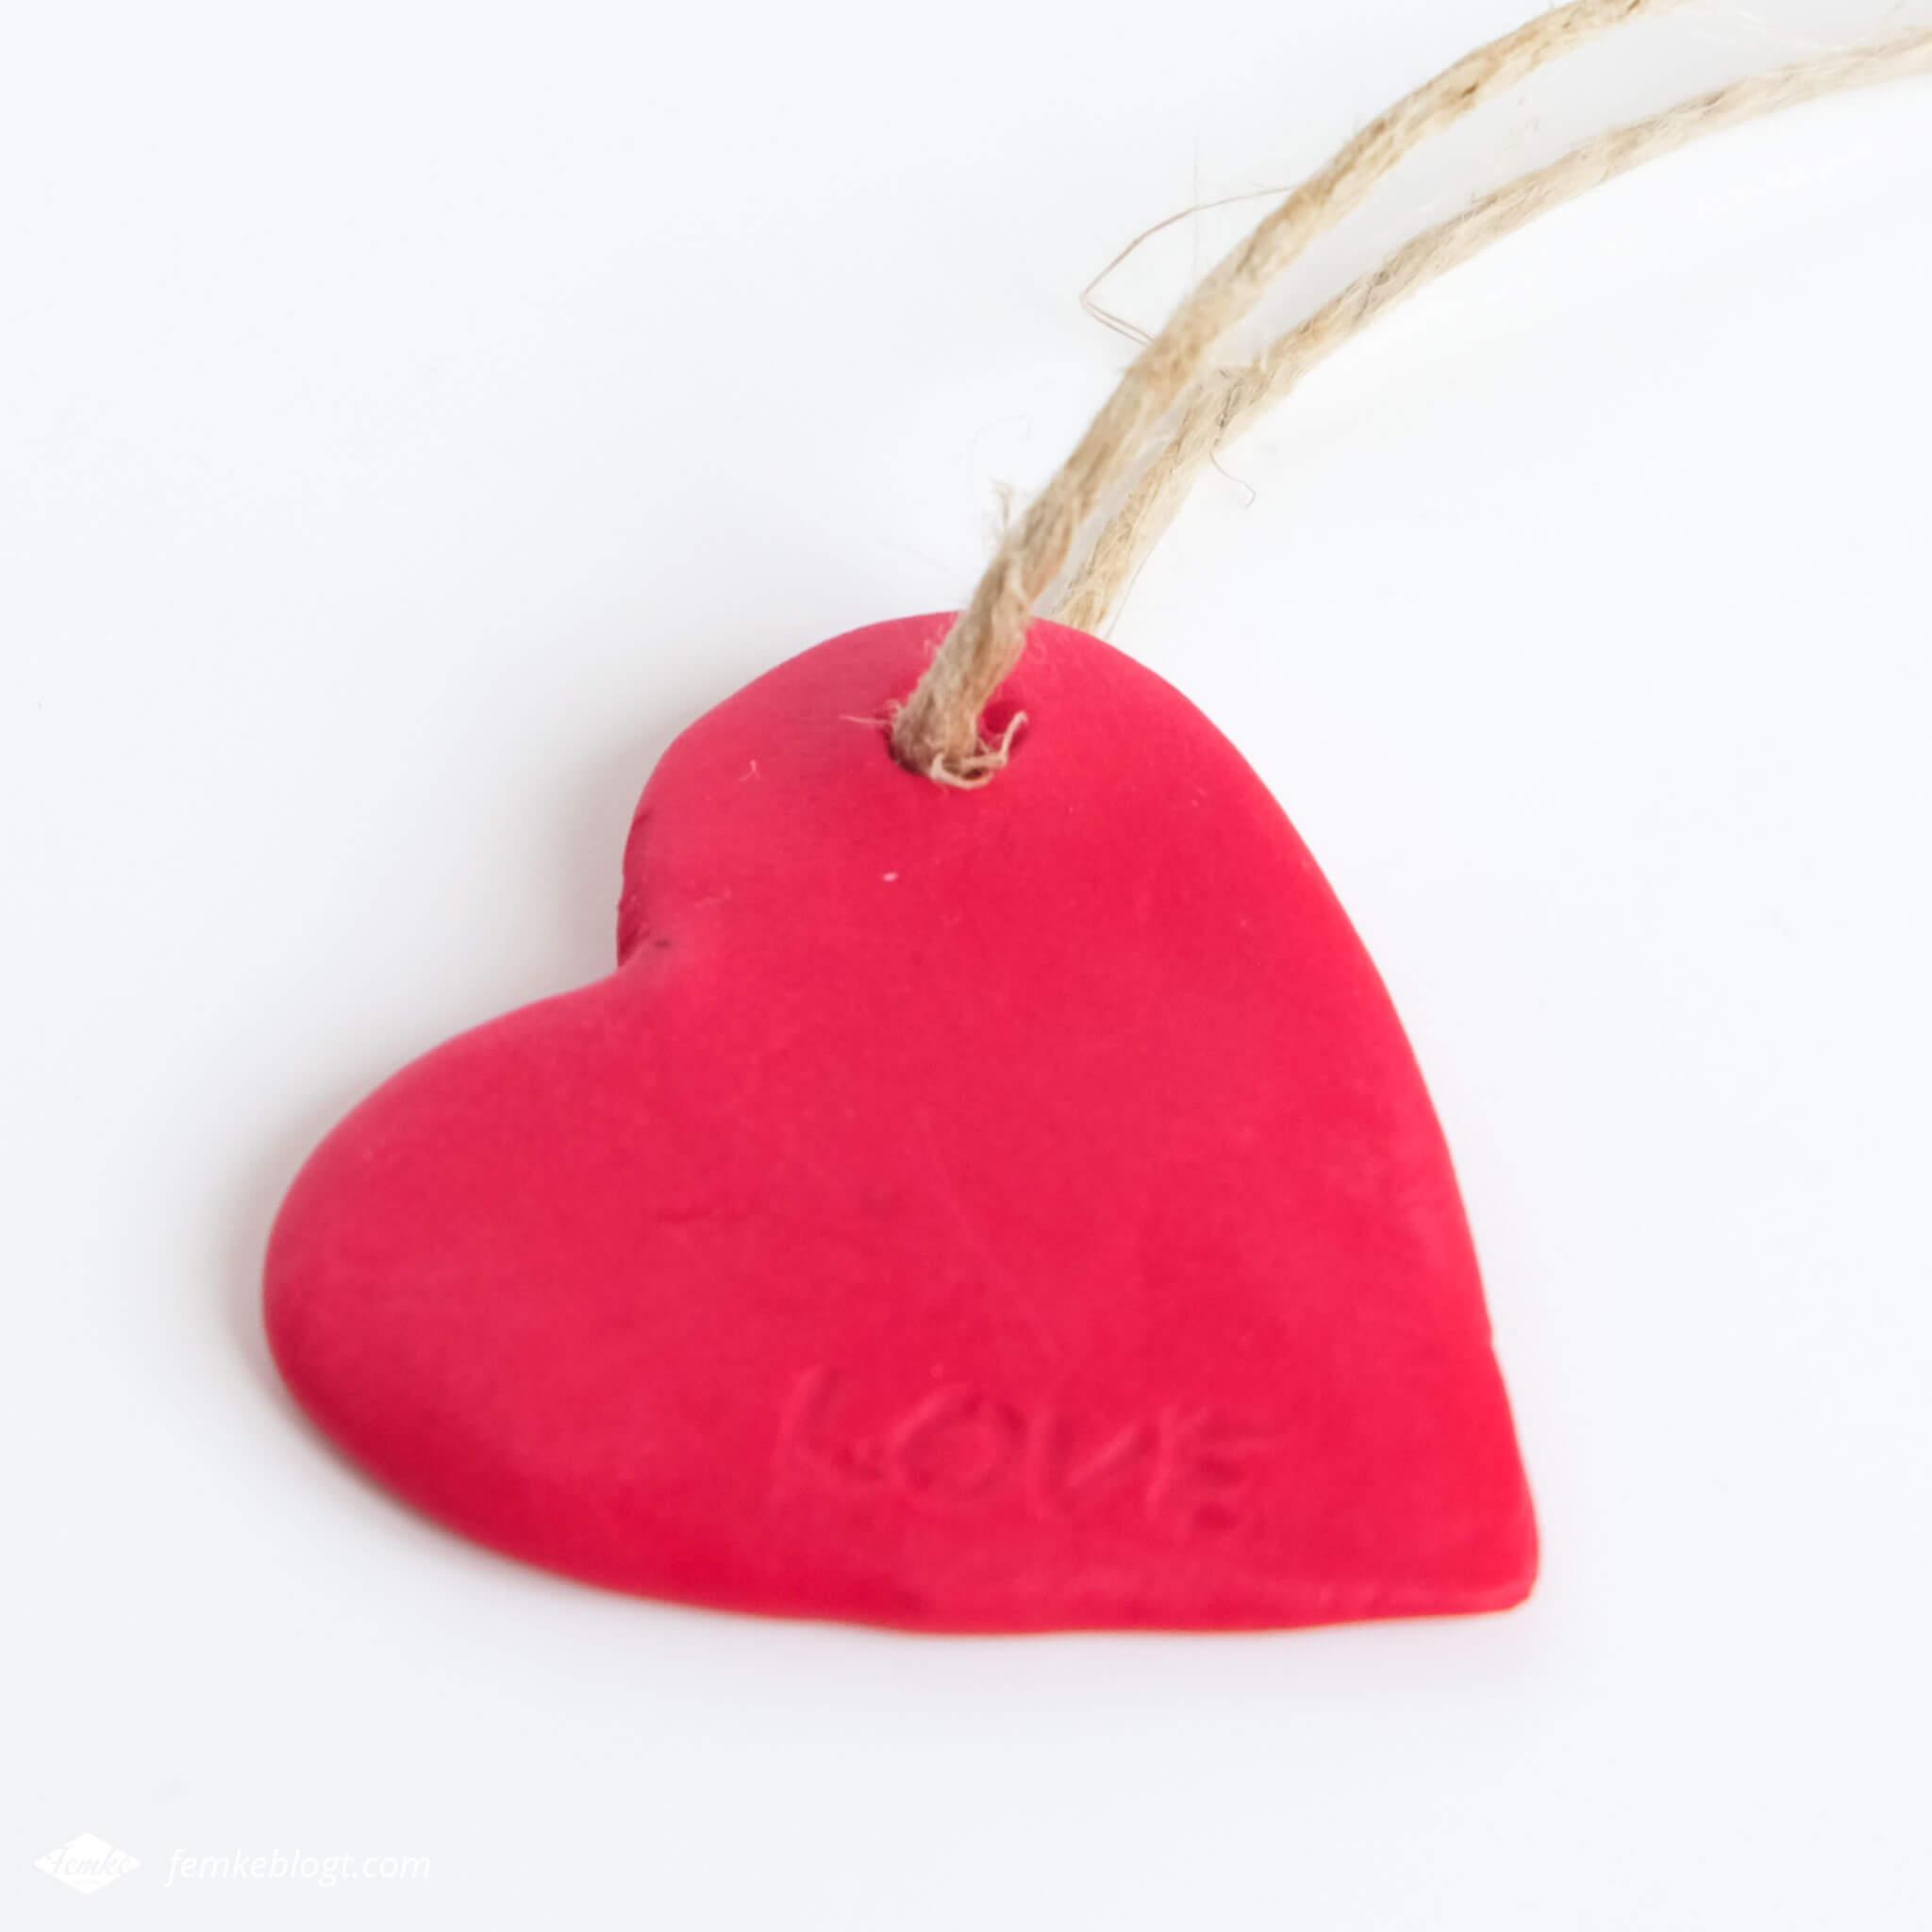 DIY valentijnshartjes van FIMO klei   Maak een sleutelhanger van FIMO klei met persoonlijke tekst voor je lover op Valentijnsdag